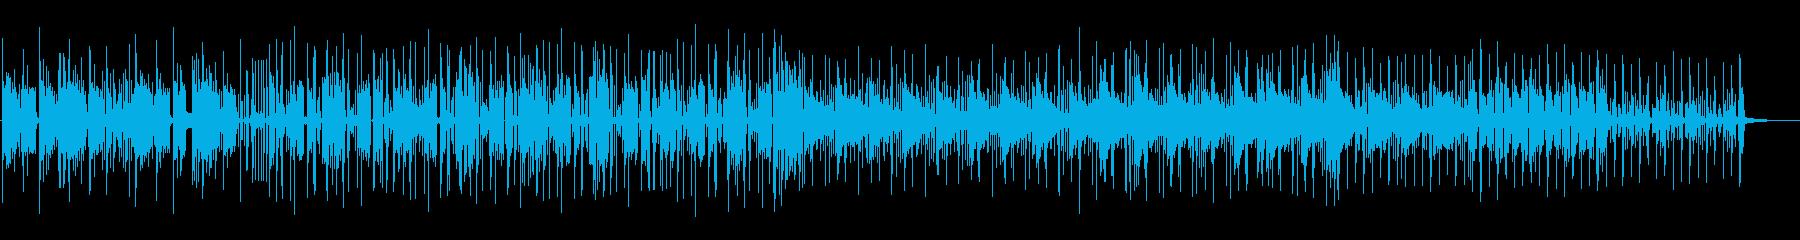 跳ねたリズムで軽やかなテクノポップの再生済みの波形